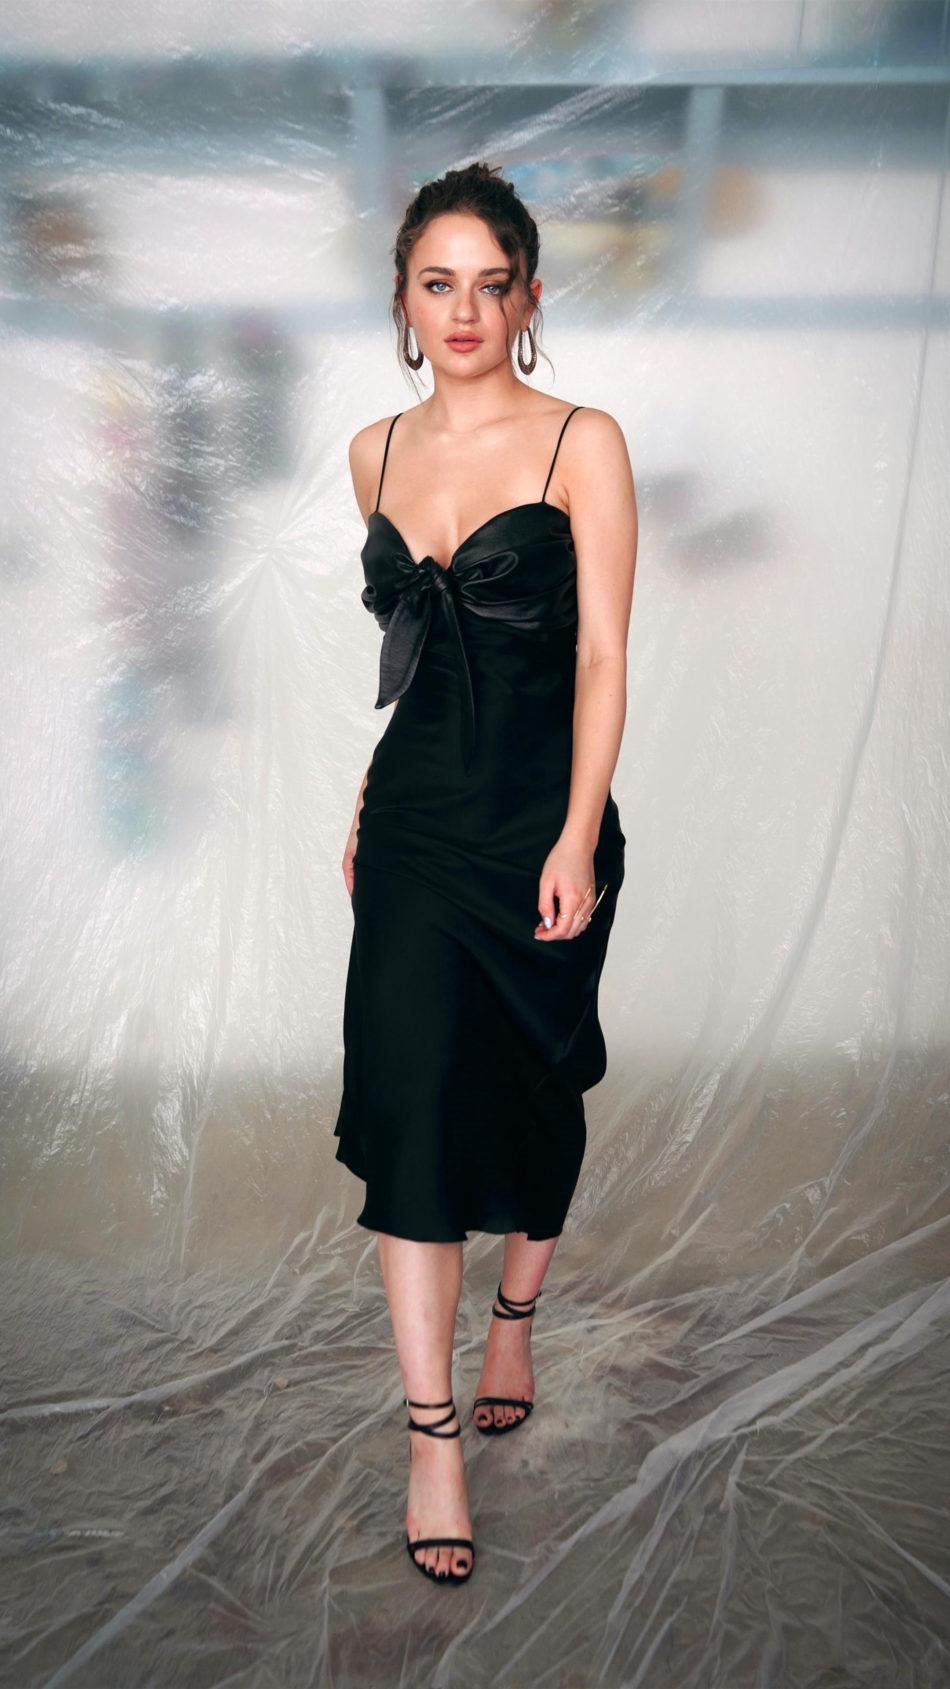 Beautiful Joey King In Black Dress 4K Ultra HD Mobile Wallpaper